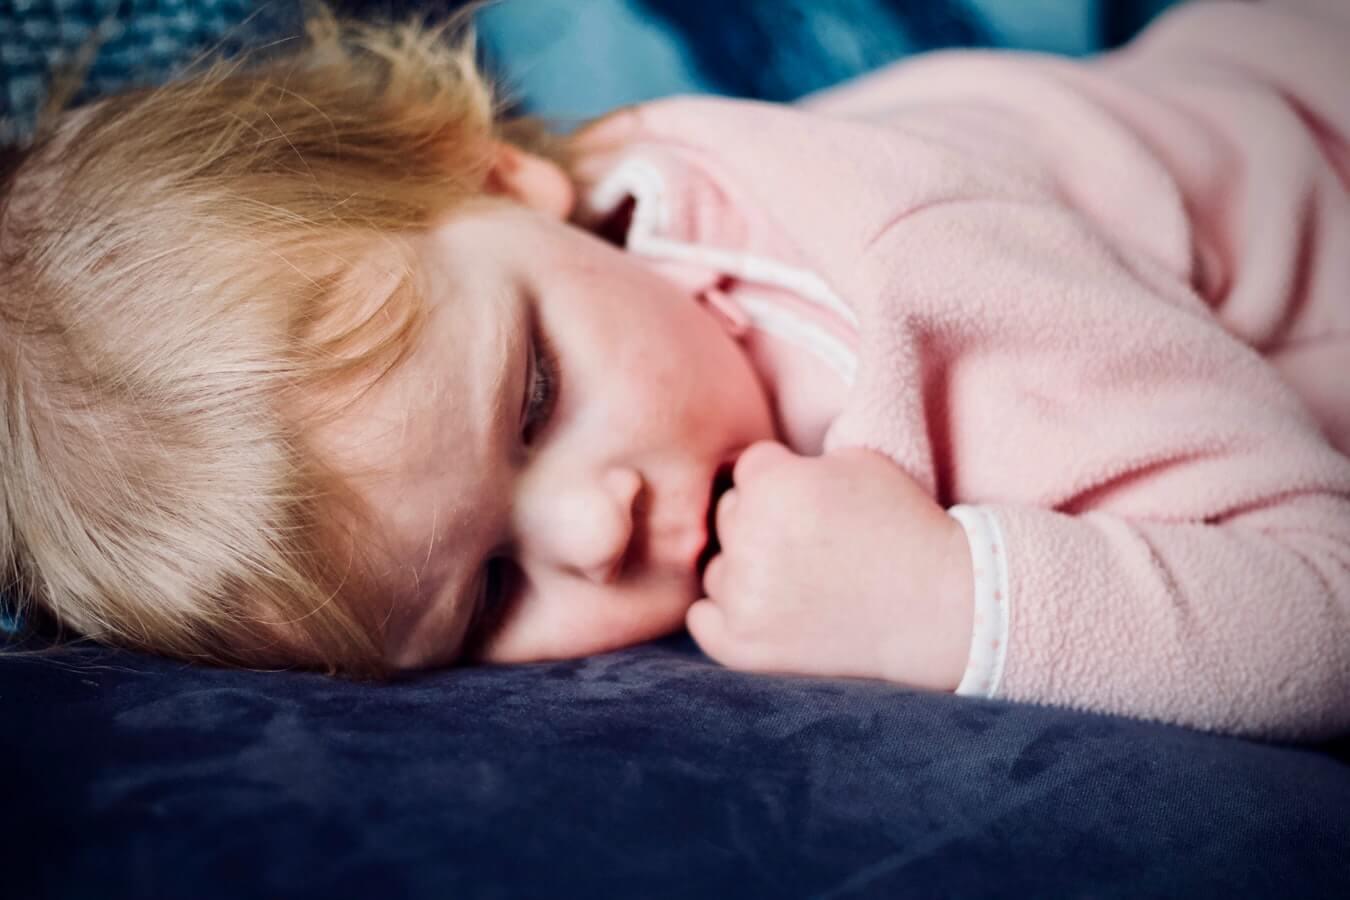 Olvassuk el az anyukák reális tapasztalatait, akik kipróbálták az alvásedzést.